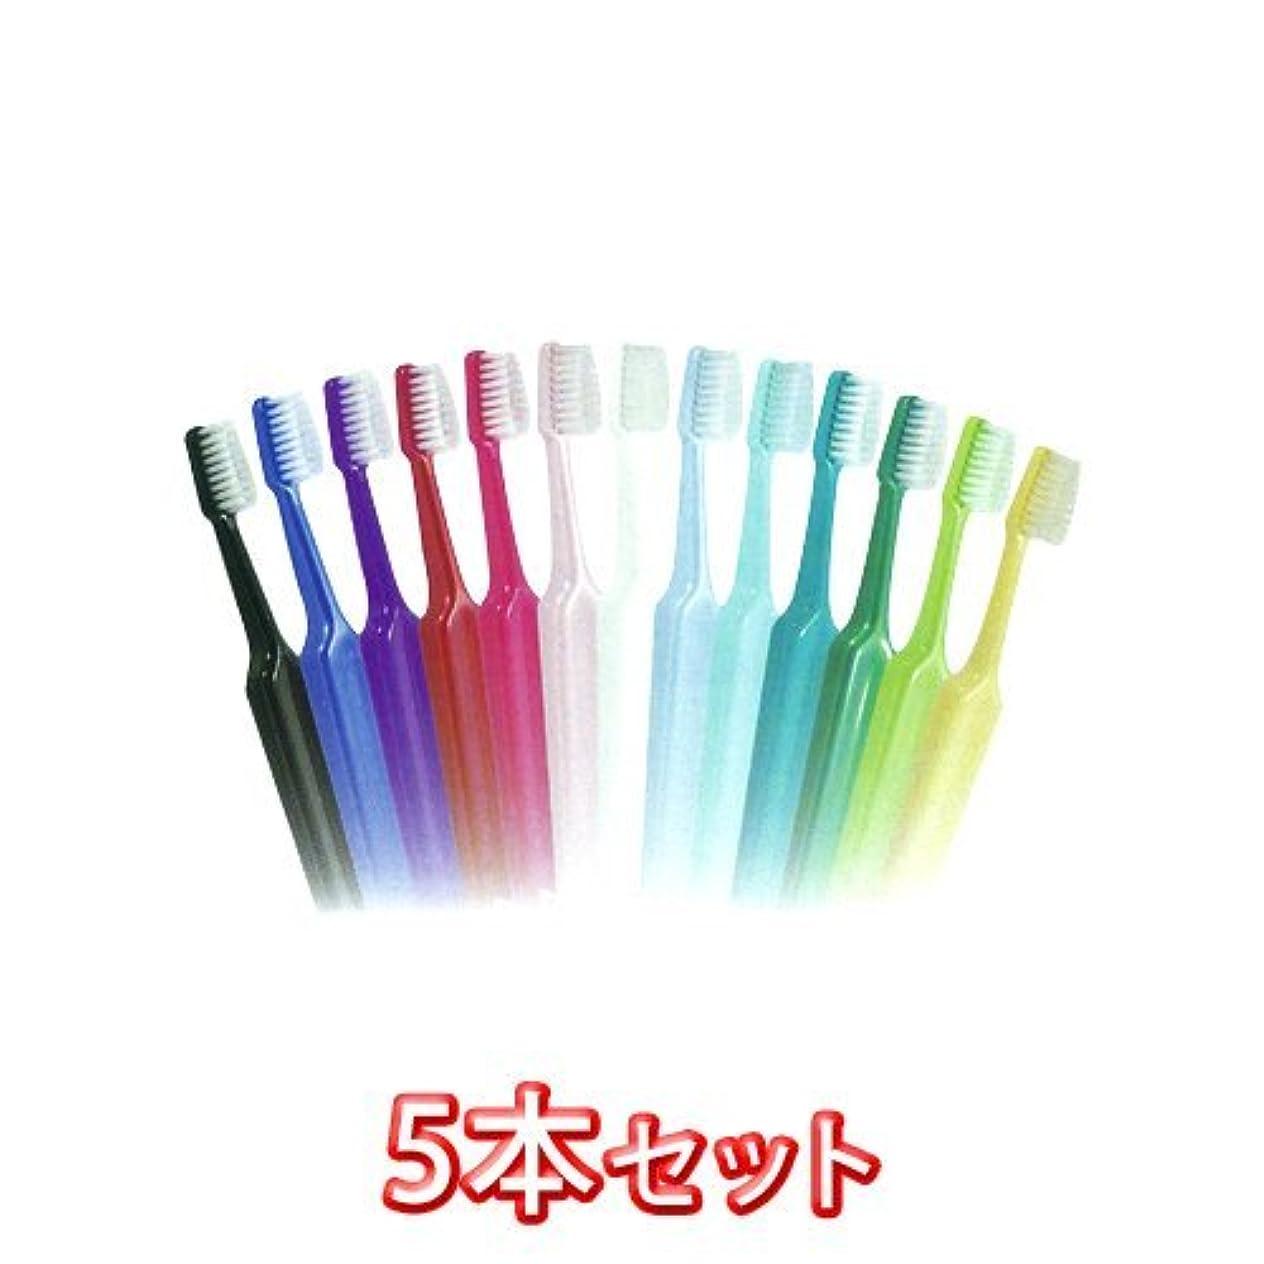 入り口経験者パトワクロスフィールド TePe テペ セレクト 歯ブラシ 5本 (ソフト)